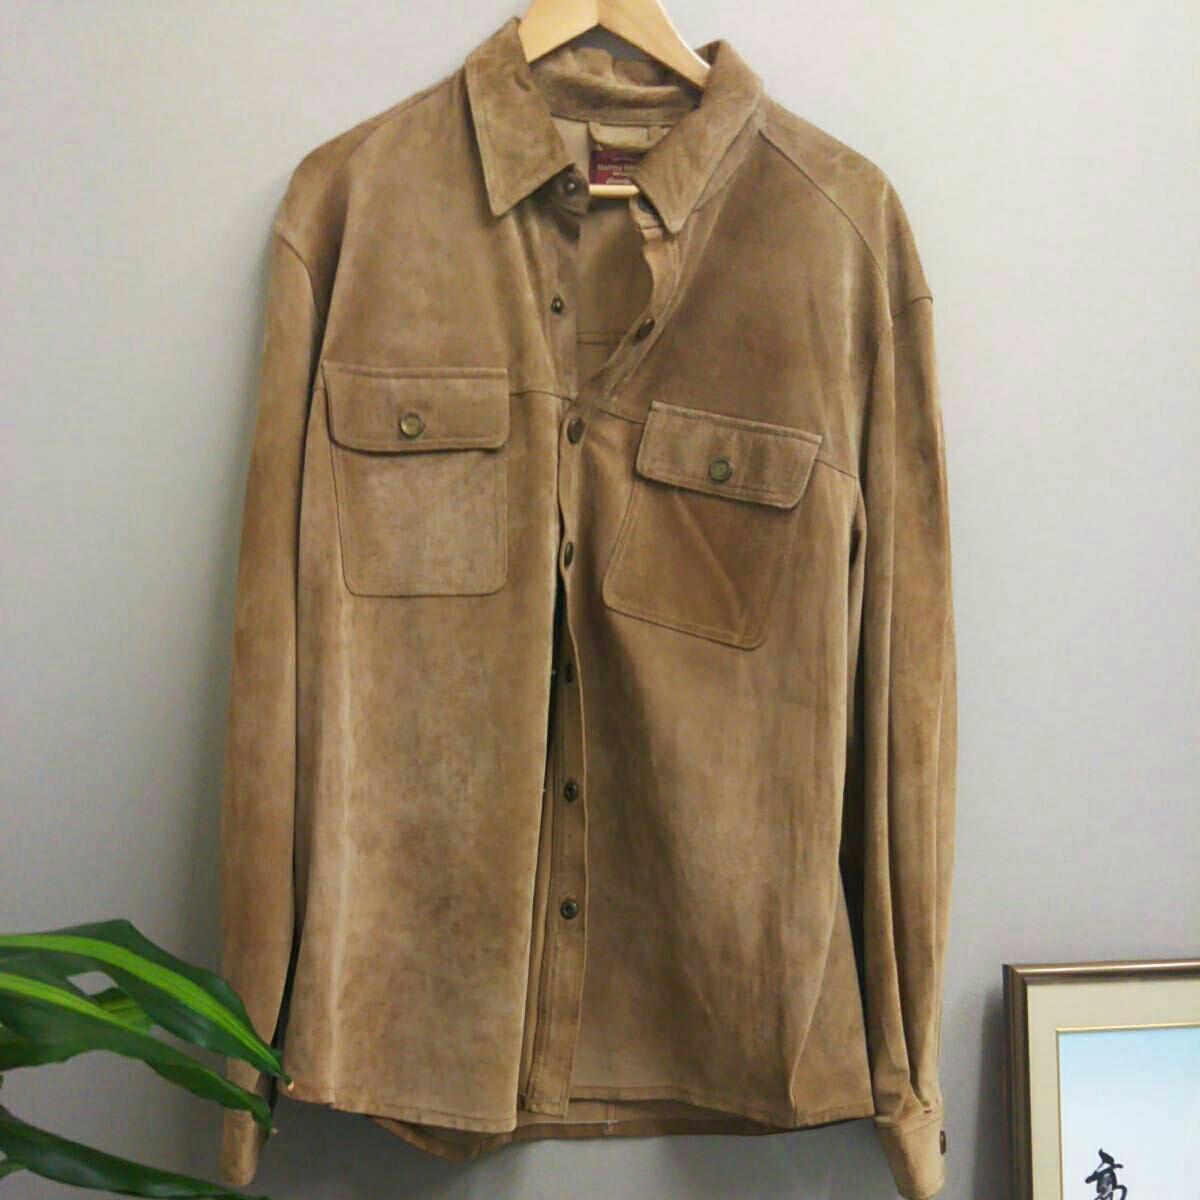 高倉健さん「ホタル」やCMで着用していた。SEATTLE SUEDE エディバアウアーのスエードジャケットです。勿論特注品です。